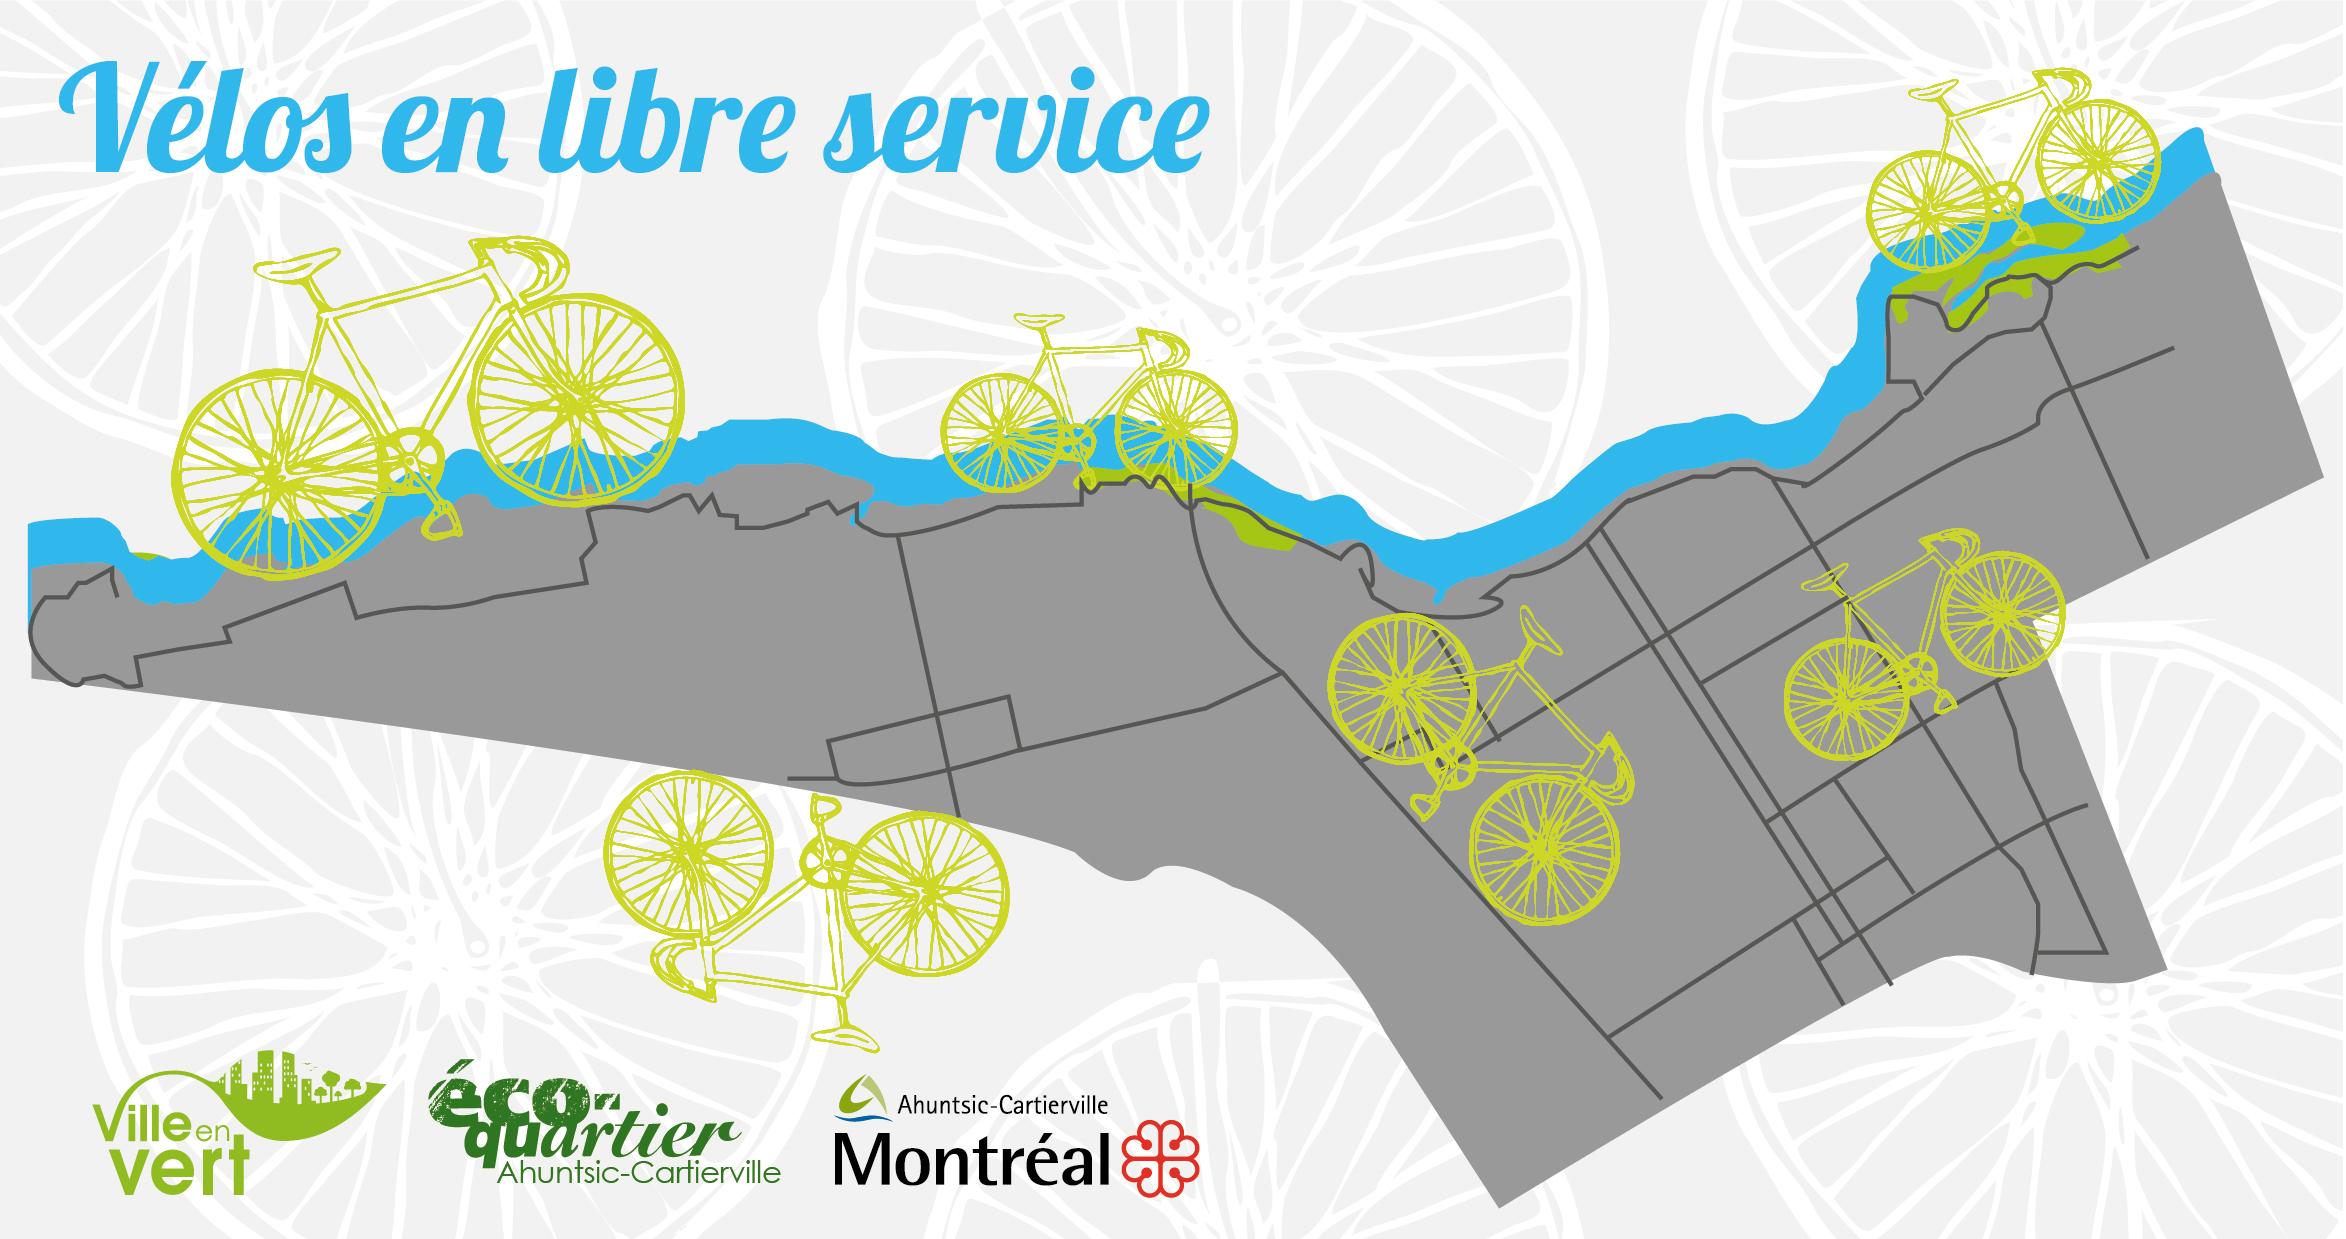 prêt gratuit de vélos